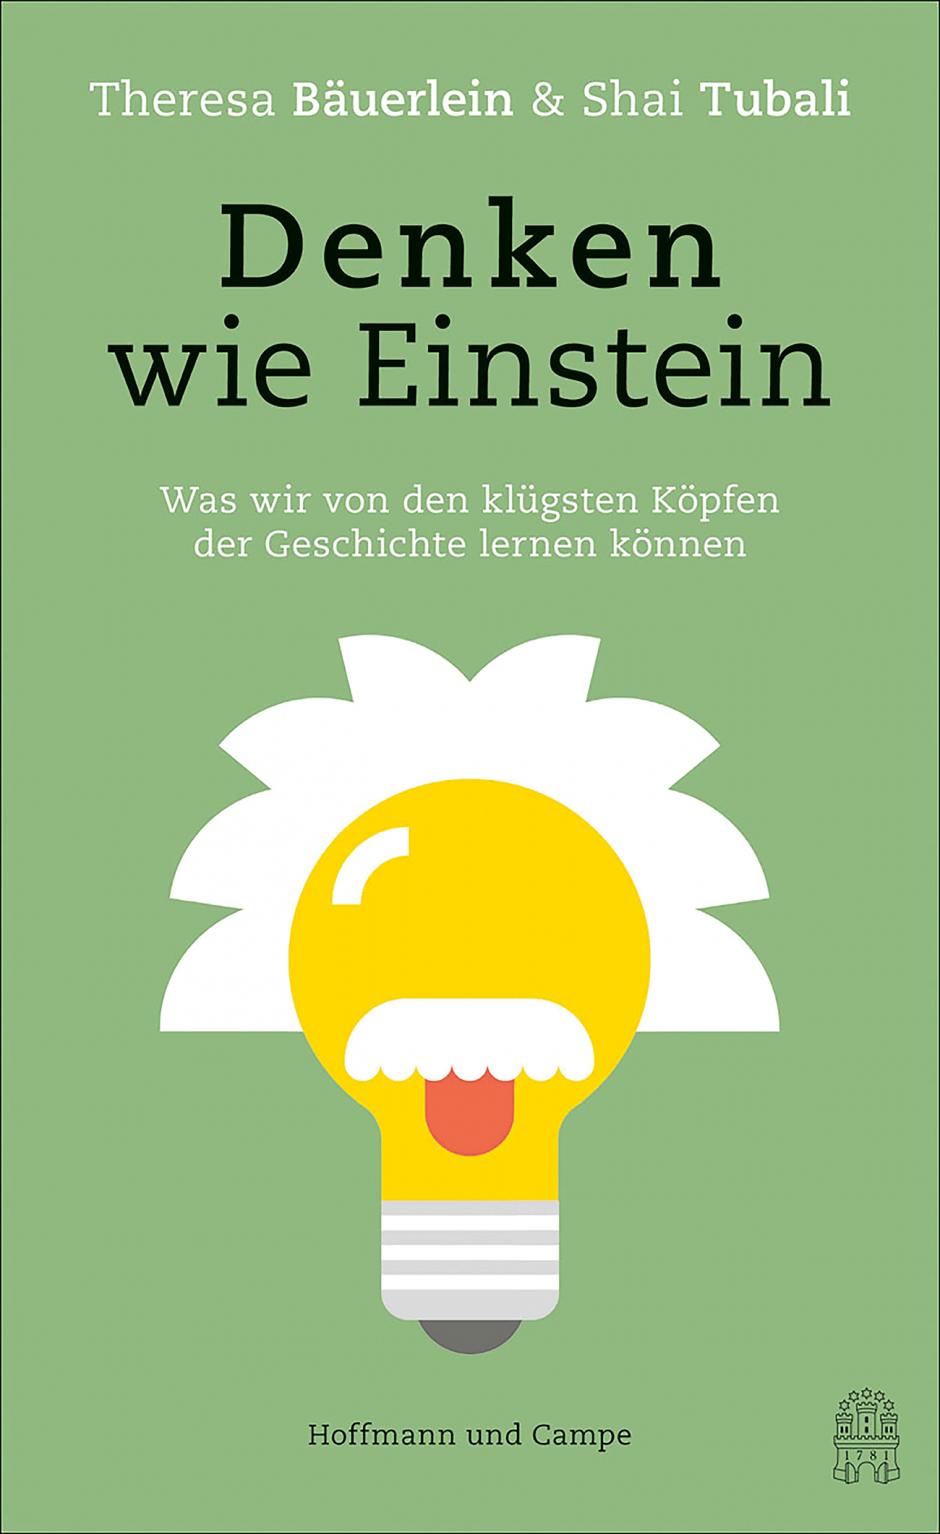 Buchcover für Hoffmann und Campe